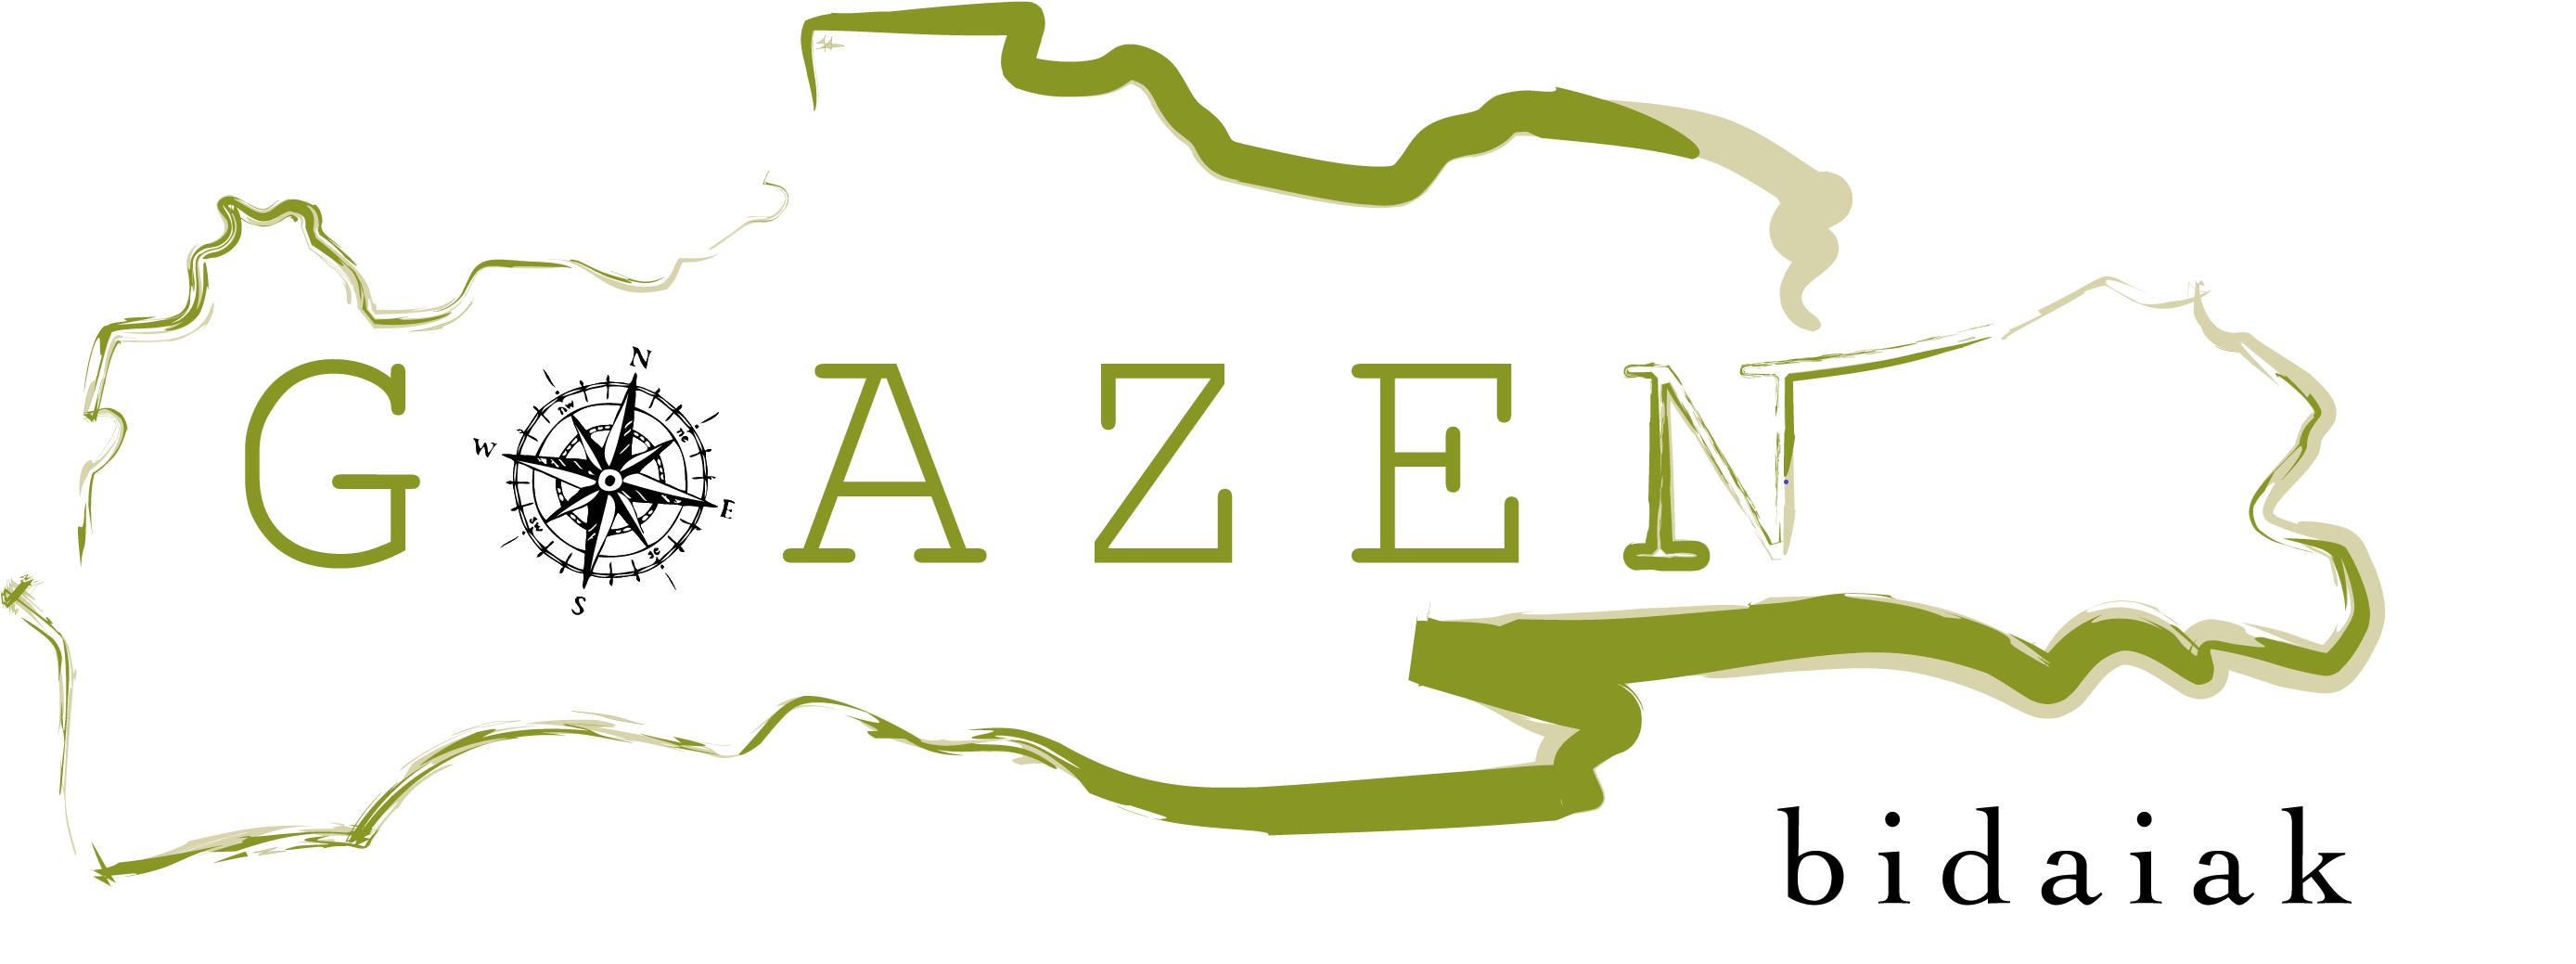 Logo goazen bidaiak